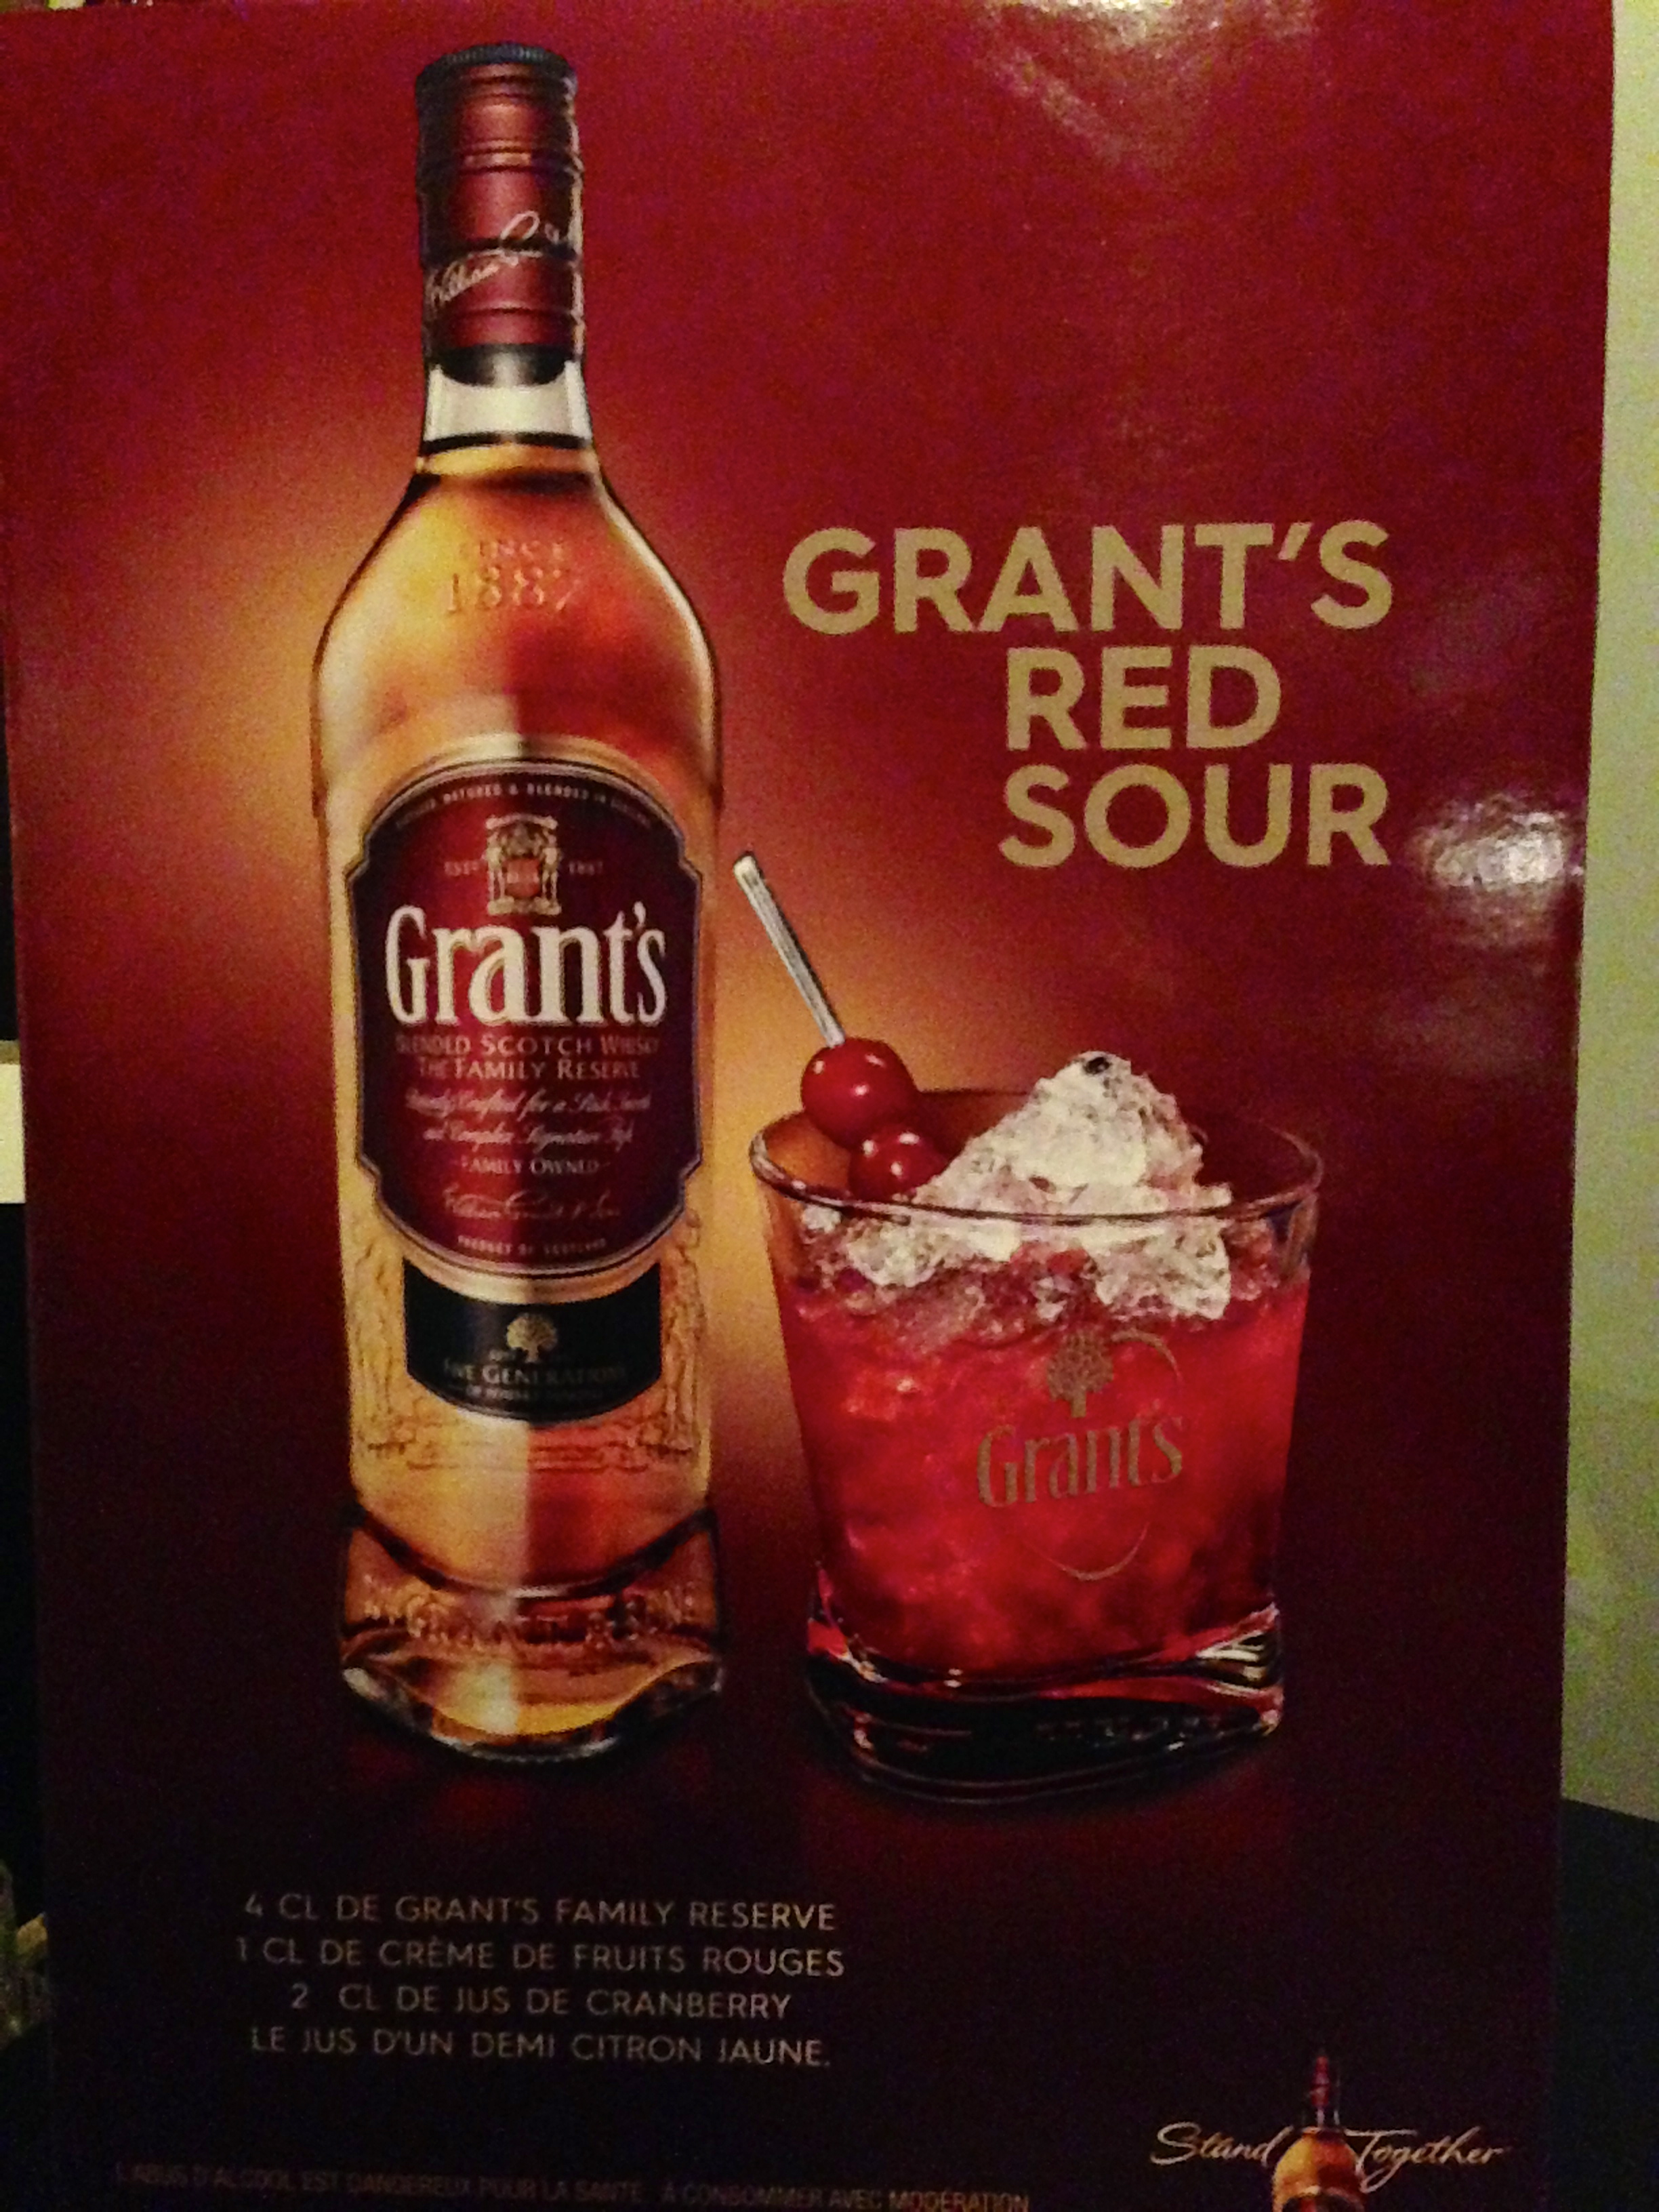 Blendologie by Grant's whiskey tasting